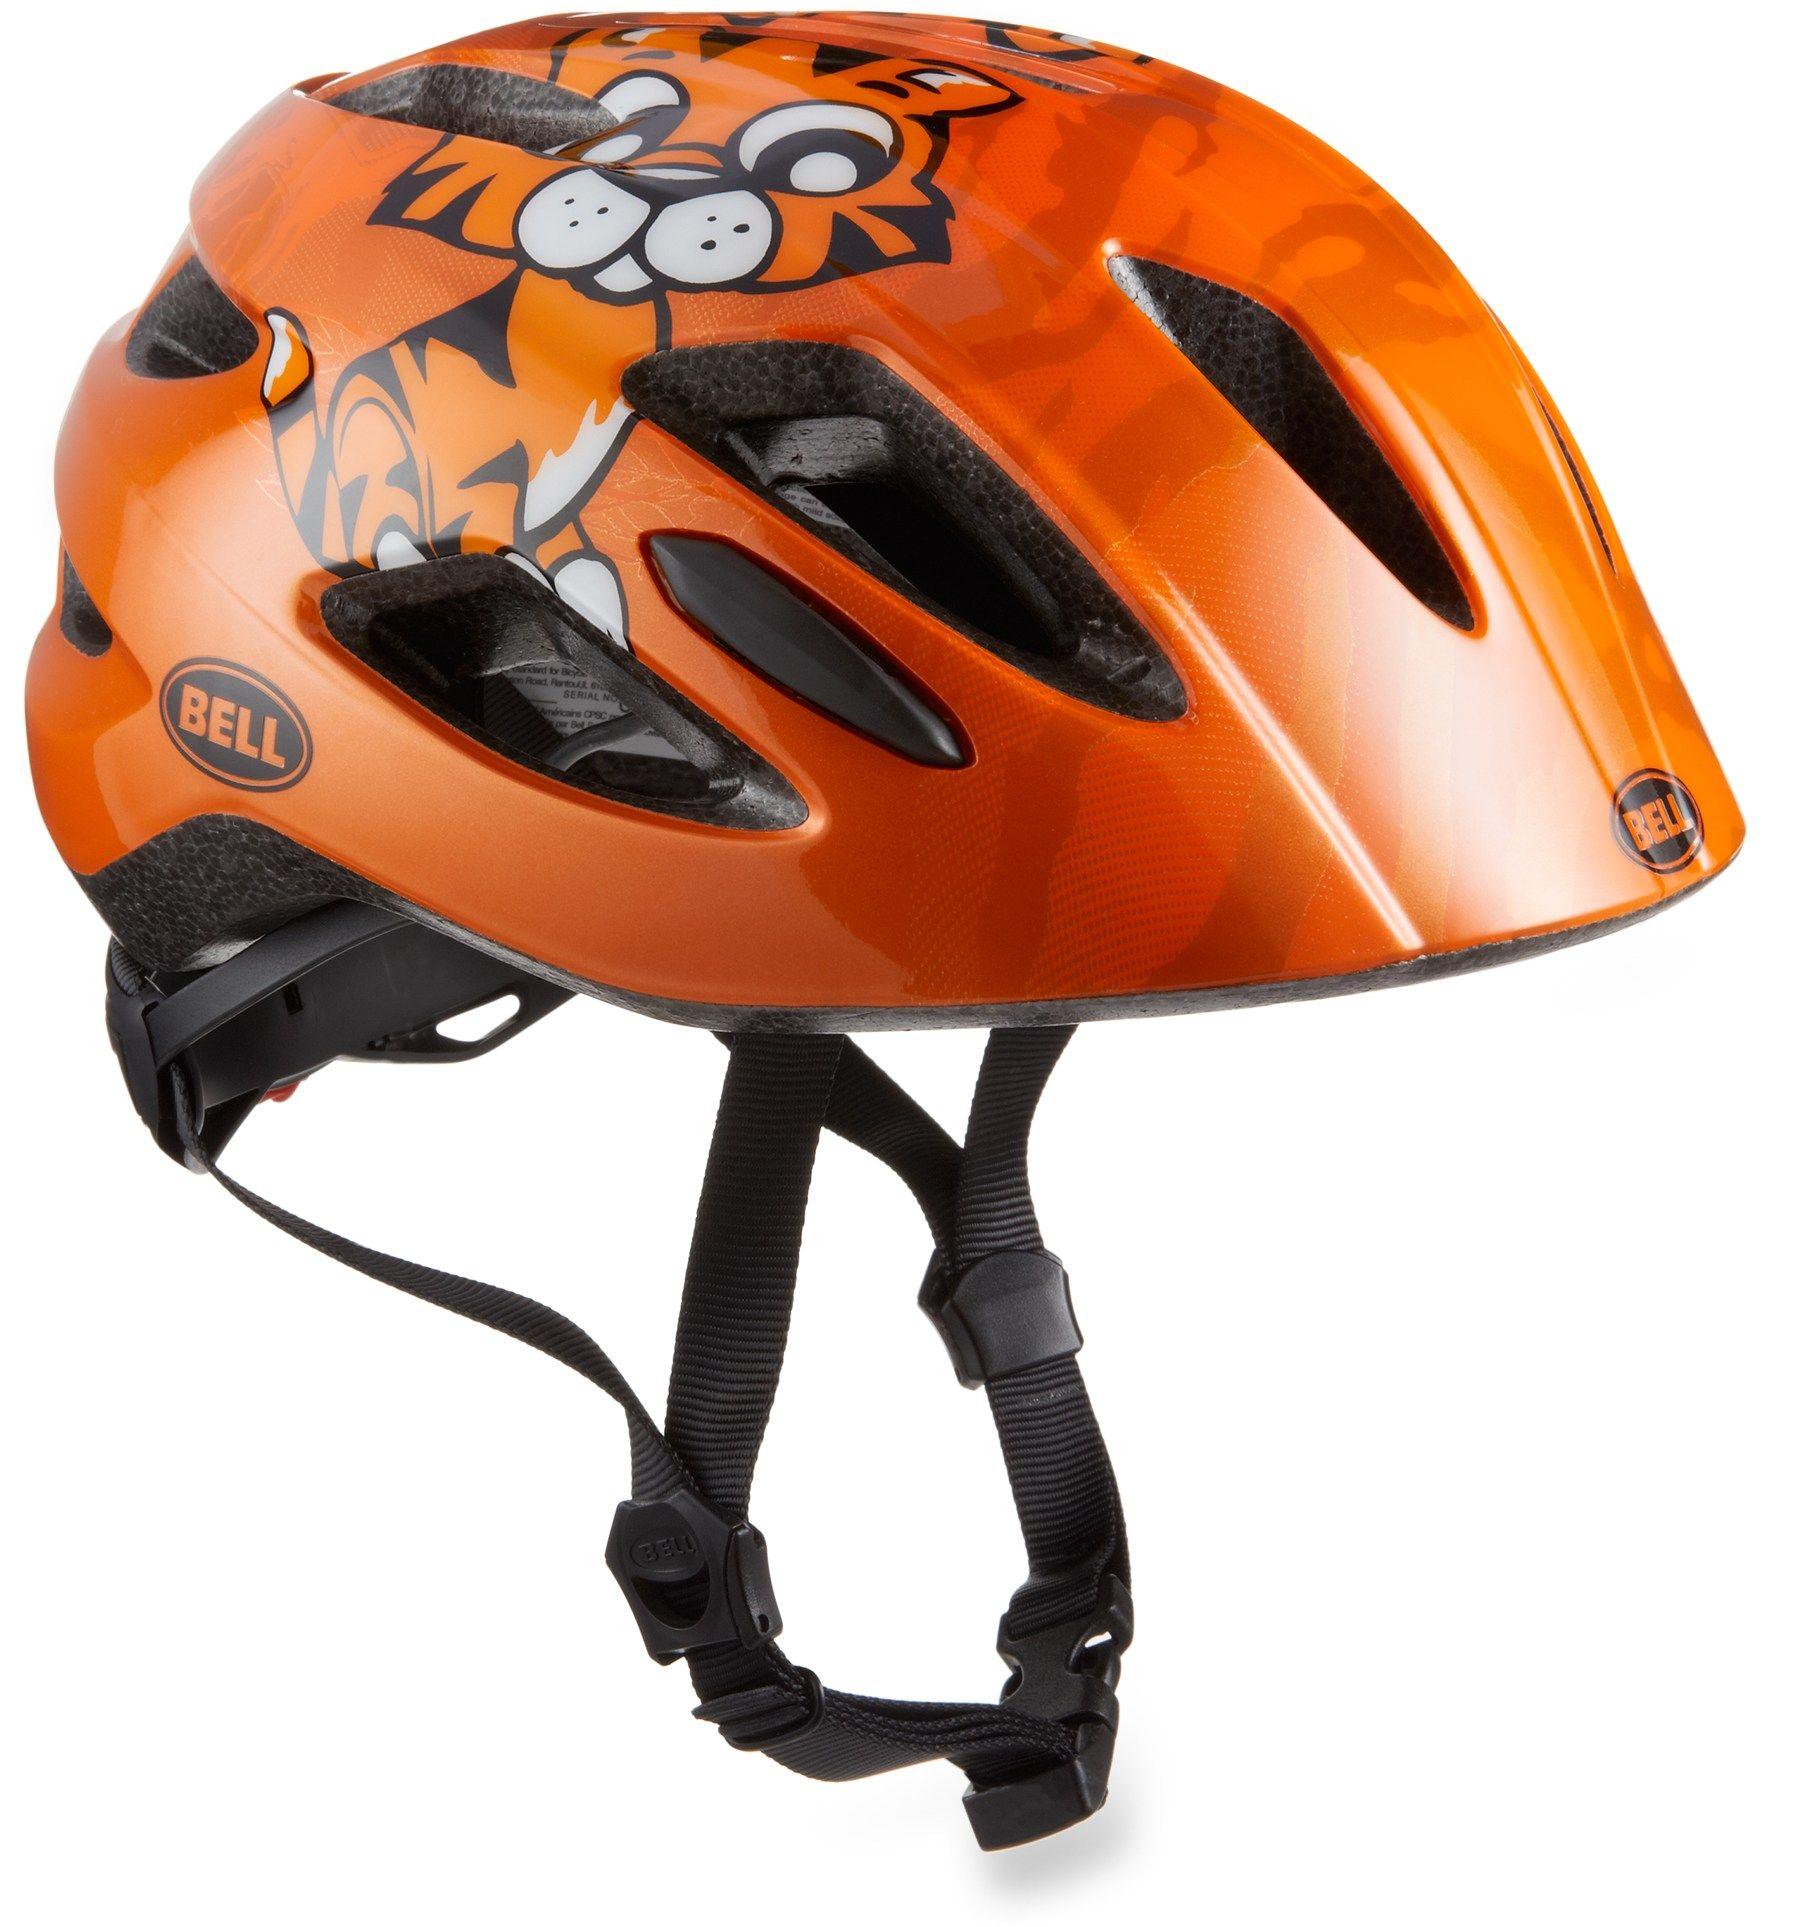 Bell Uni Zipper Bike Helmet Kids